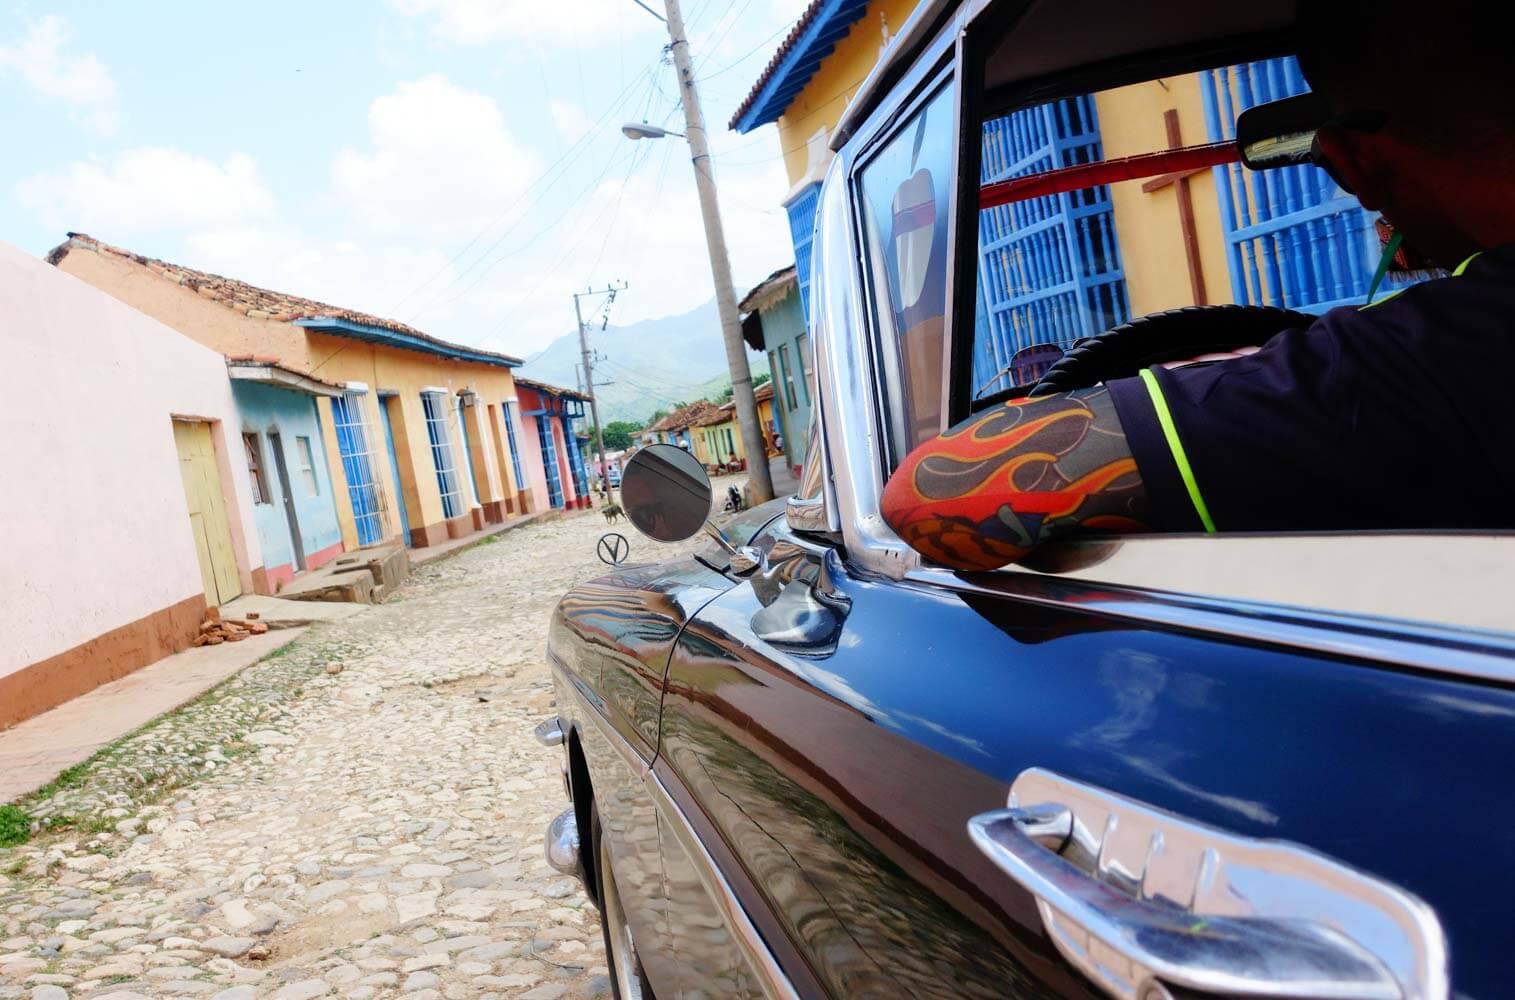 foto tassista a cuba